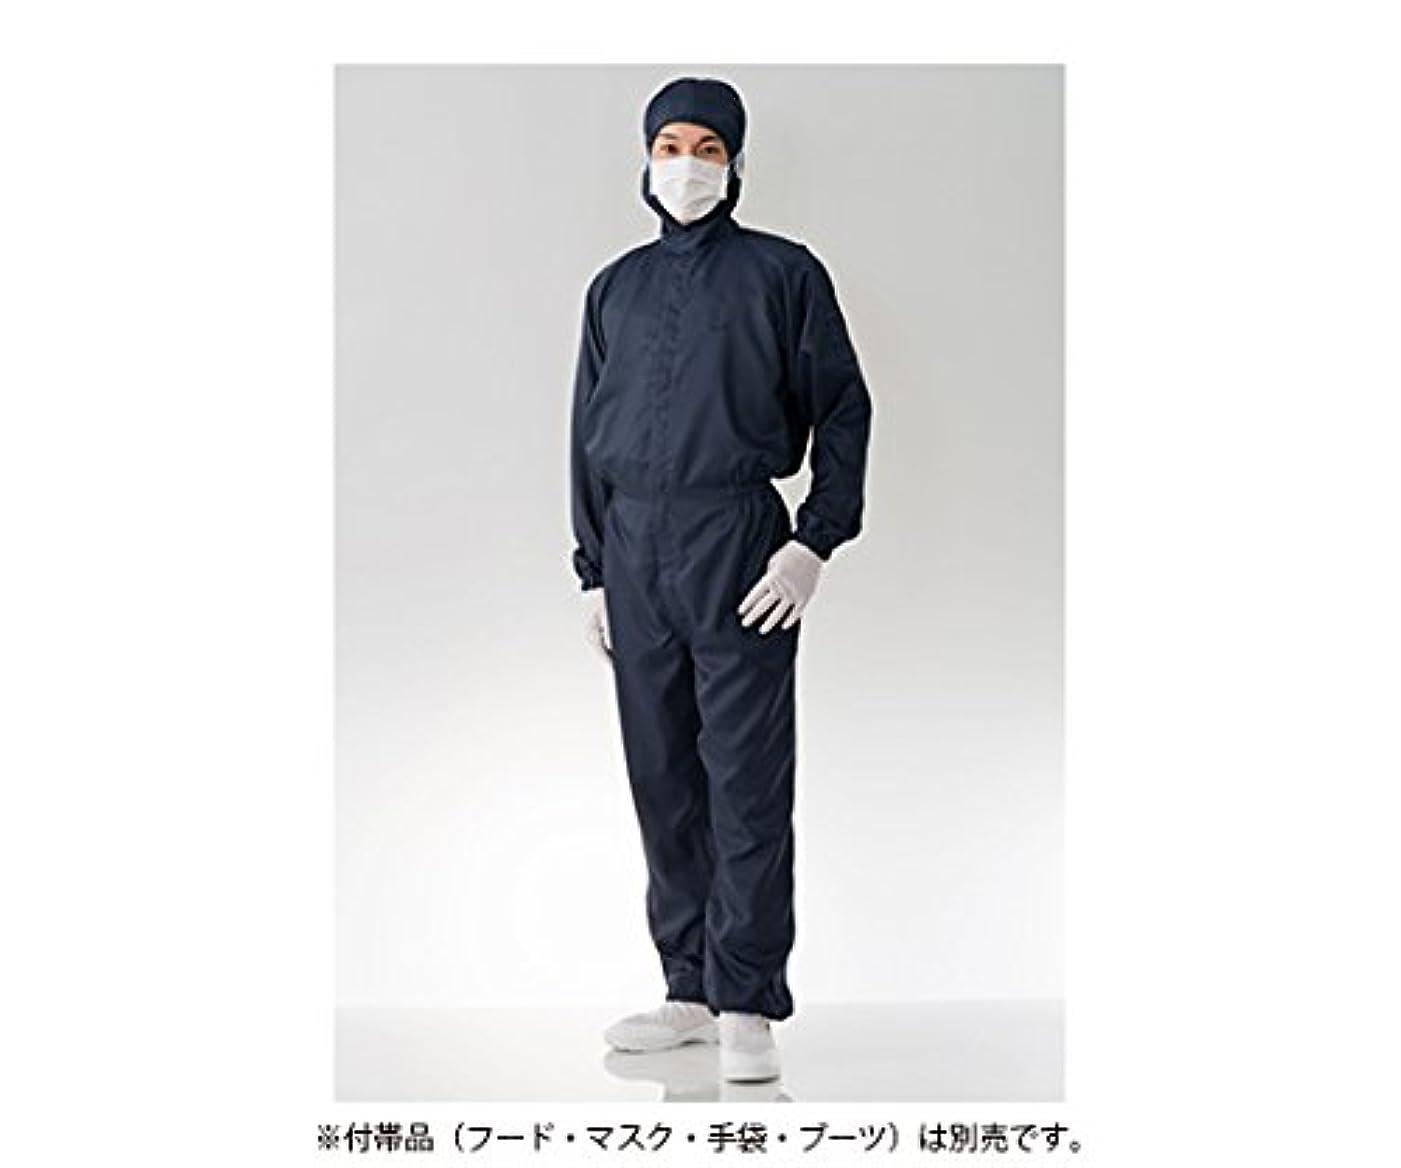 血まみれの哲学博士幻影東洋リントフリー 防塵ツナギ服 紺 S 61-0091-46/FH199C-07